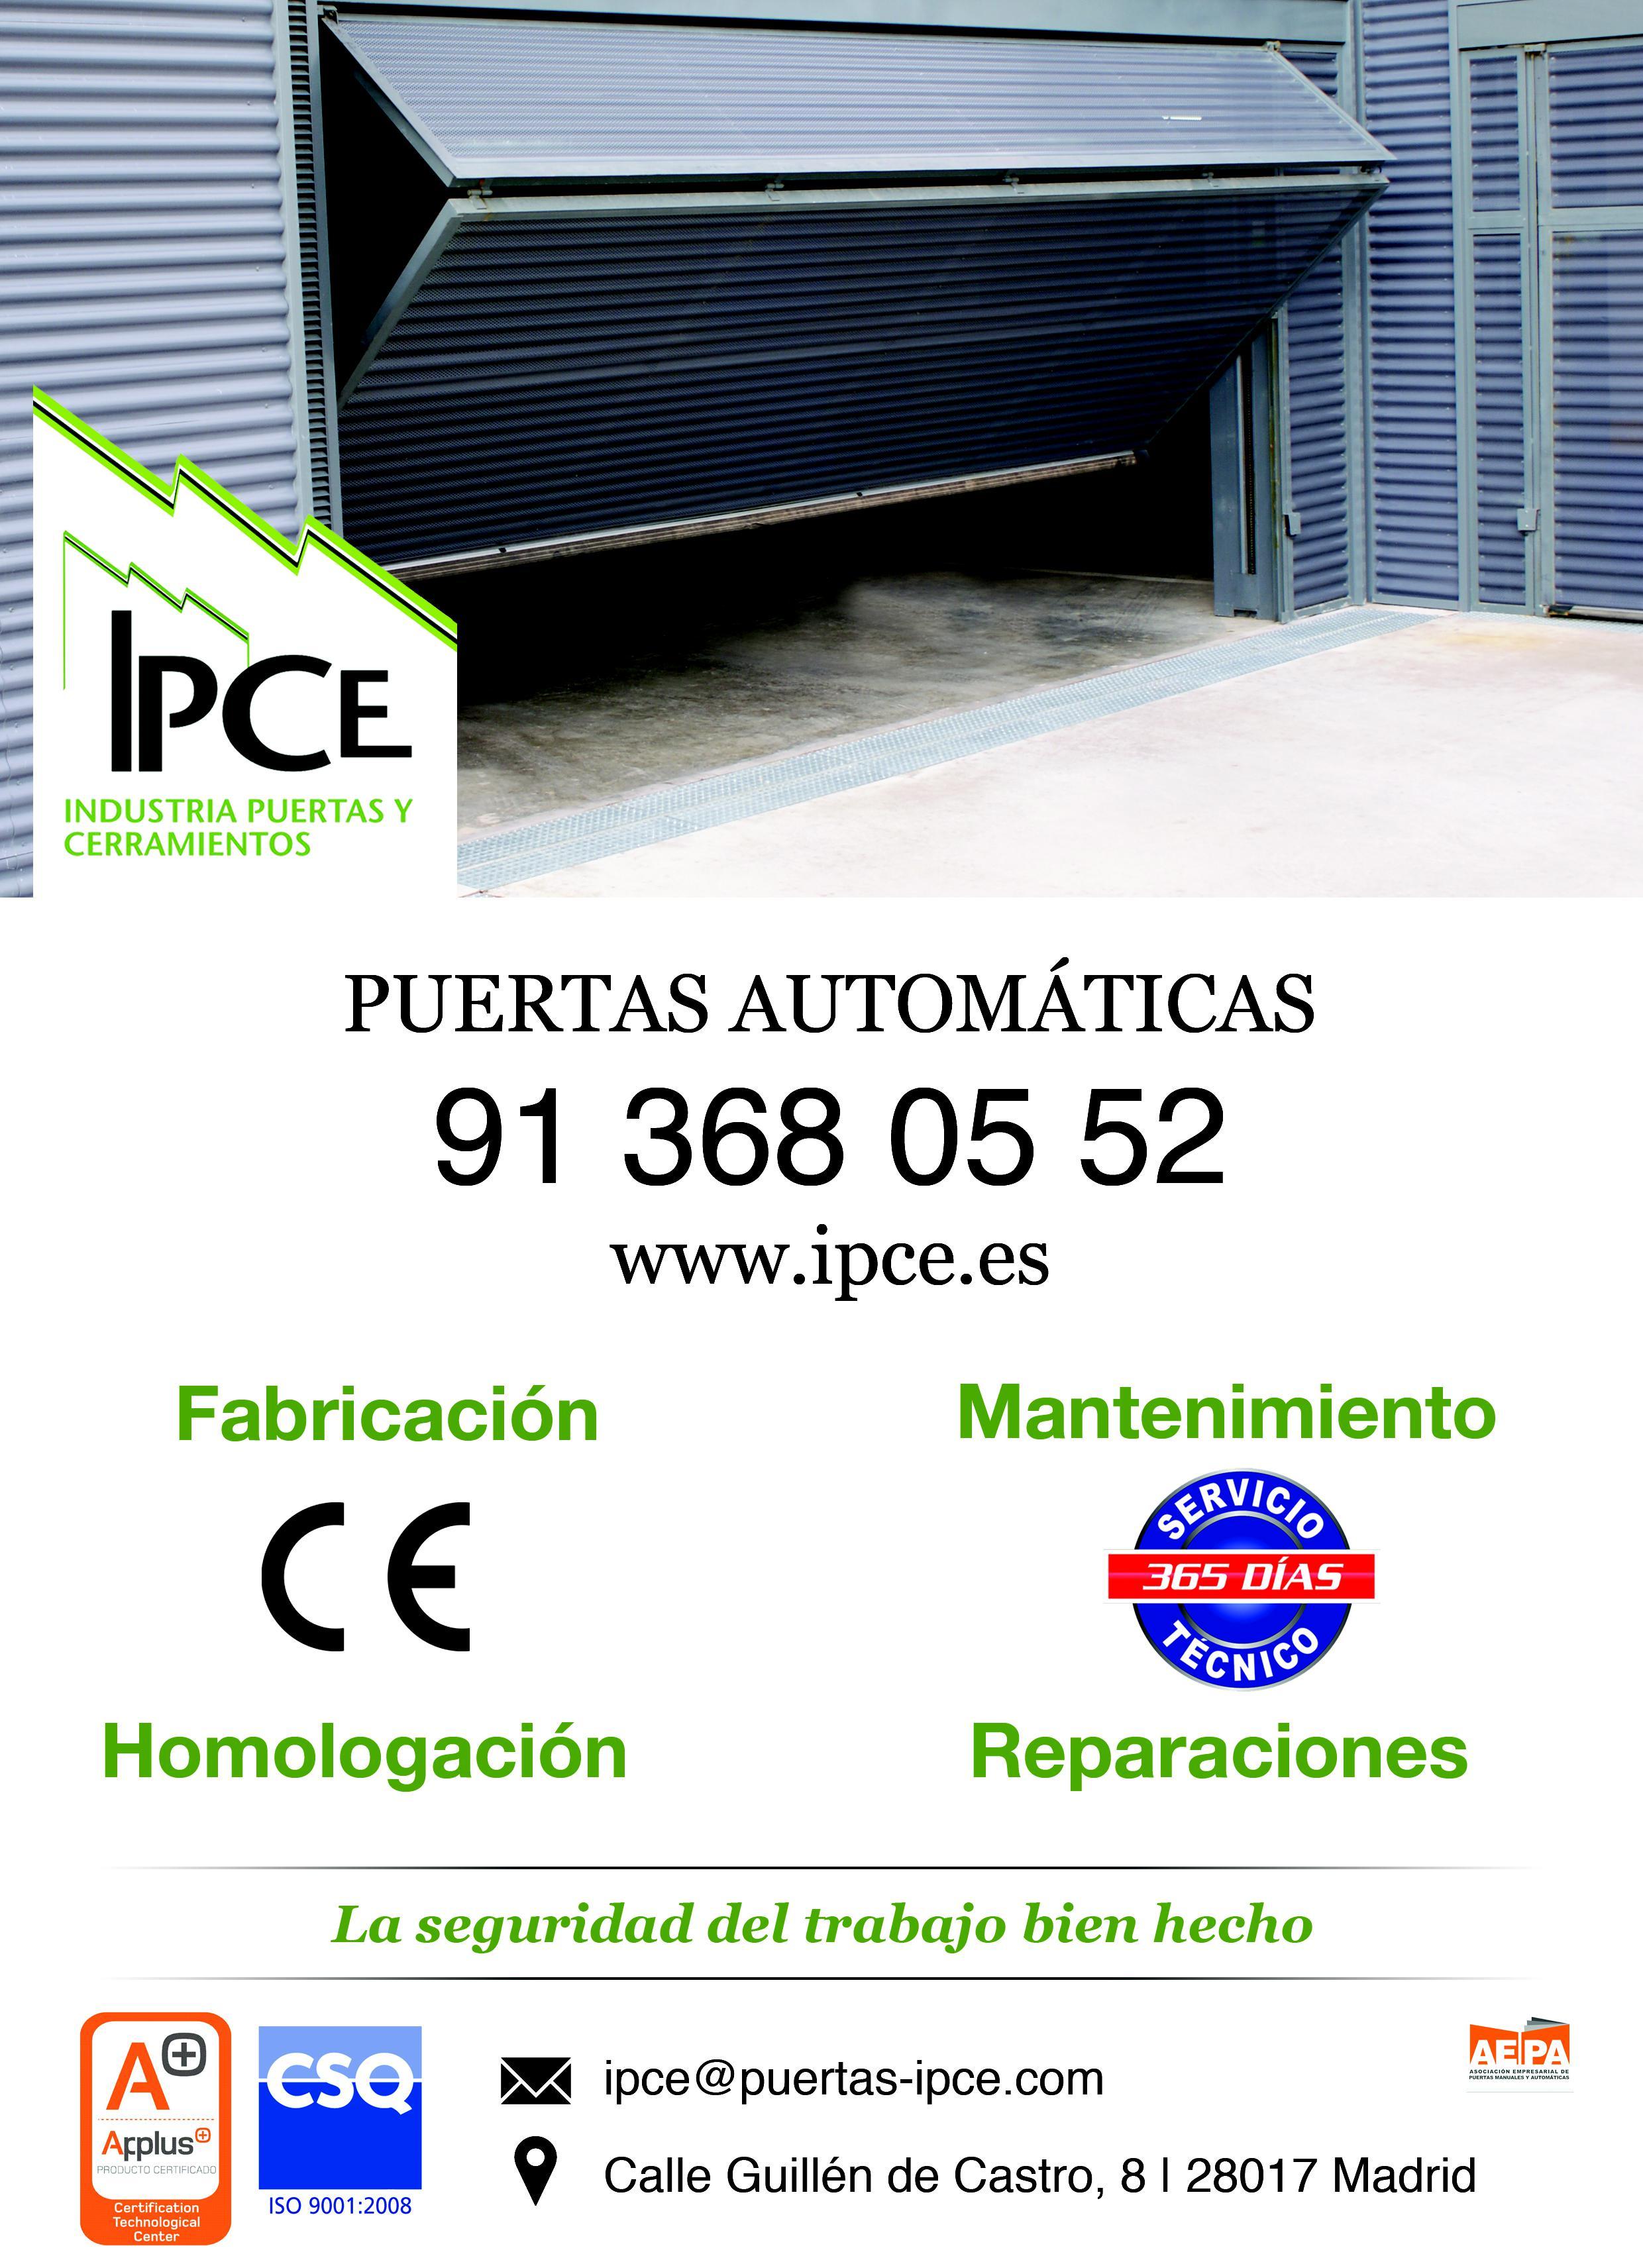 IPCE Puertas Automáticas